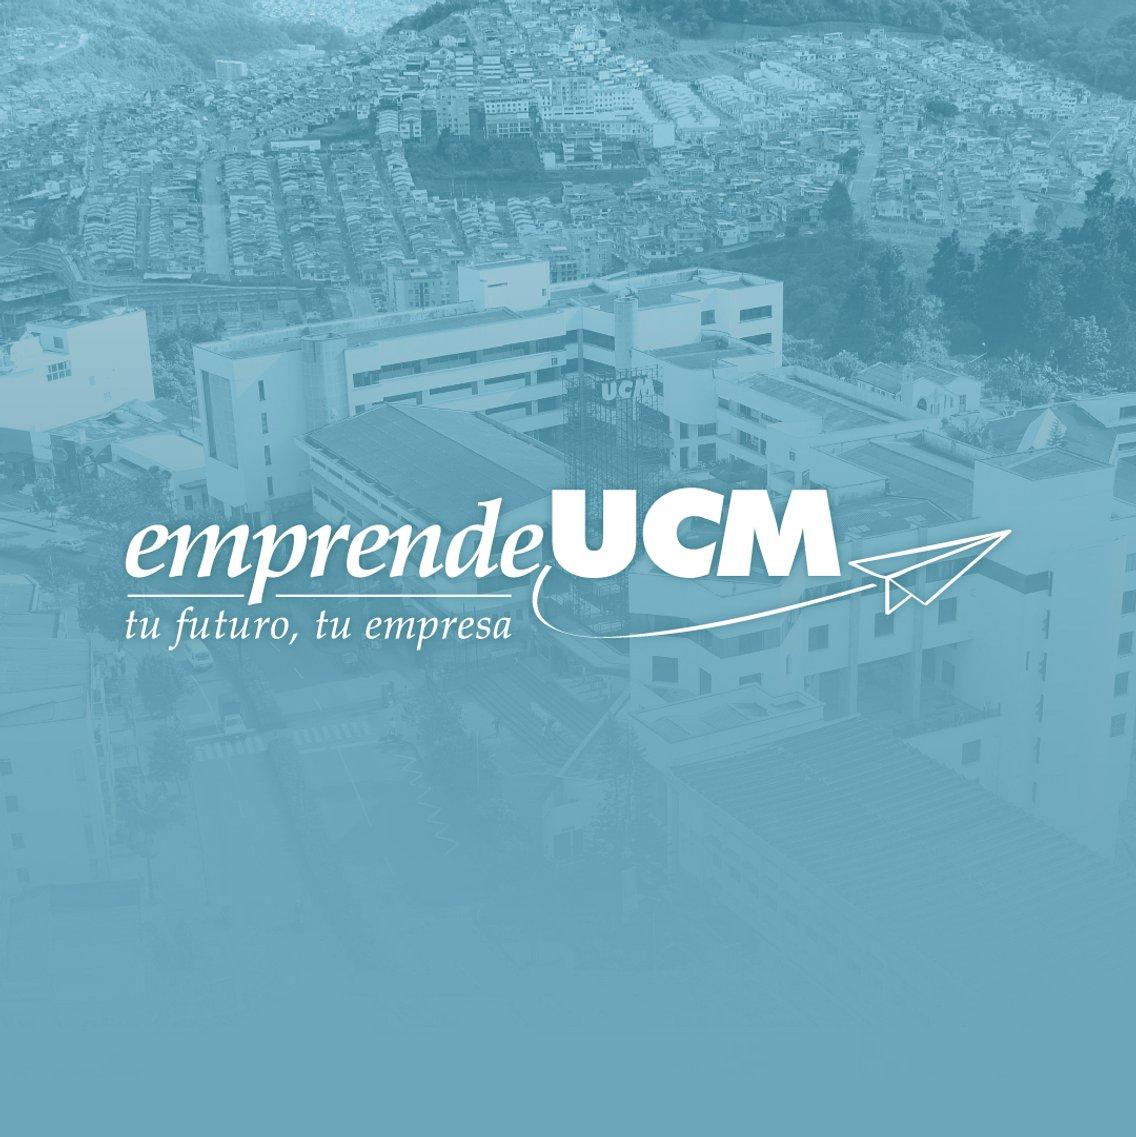 Emprende UCM - immagine di copertina